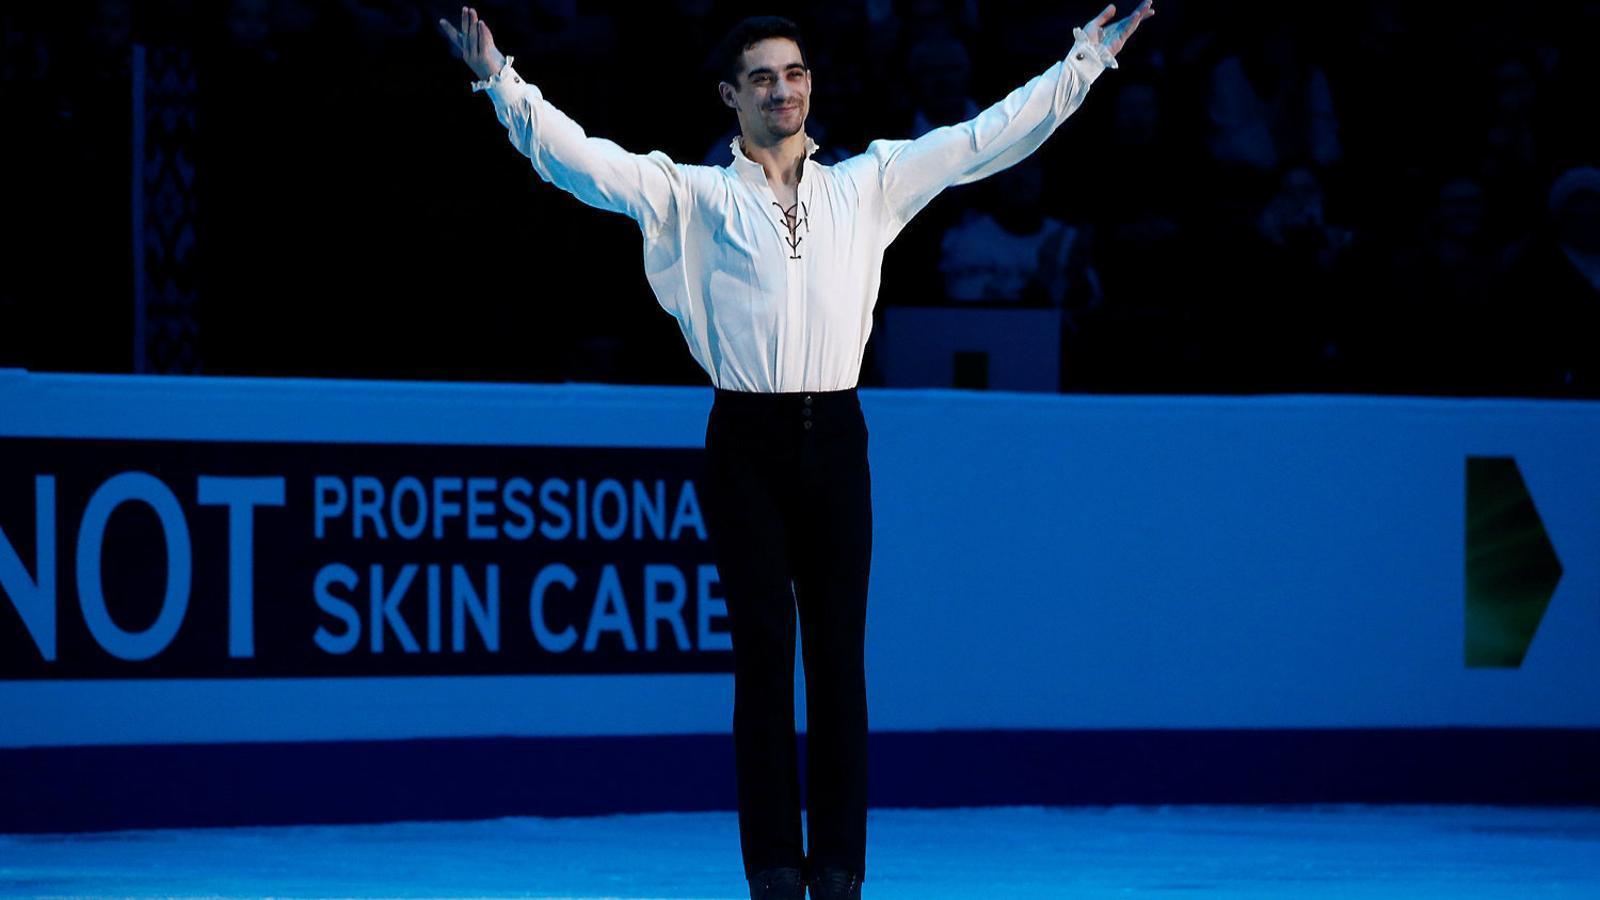 Javier Fernández s'acomiada de la competició amb el setè Europeu i ara se centrarà en el seu propi xou de patinatge sobre gel.